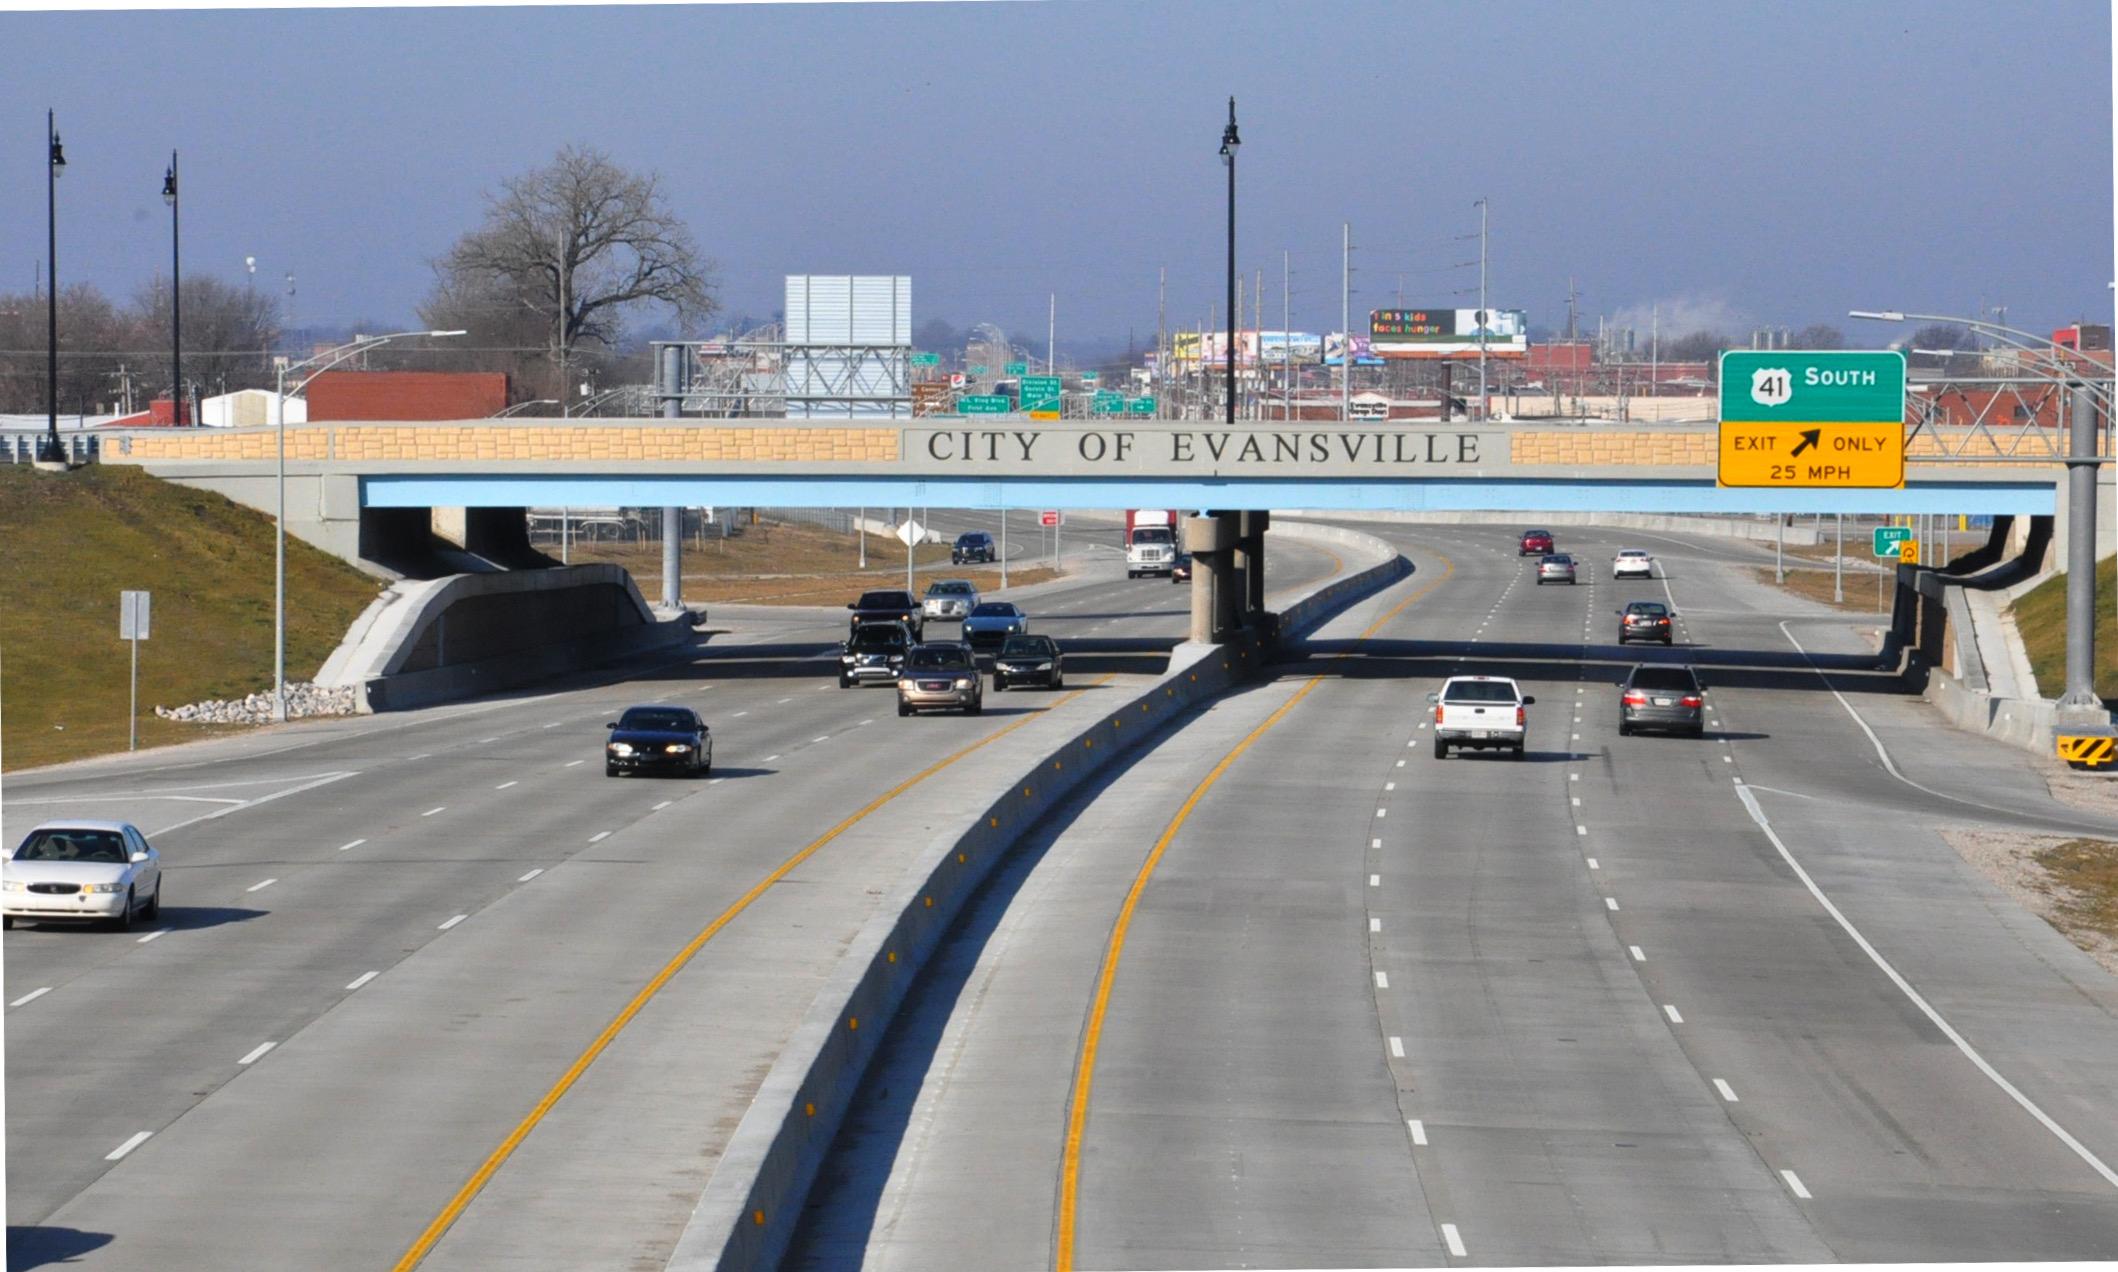 Evansville Indiana Information